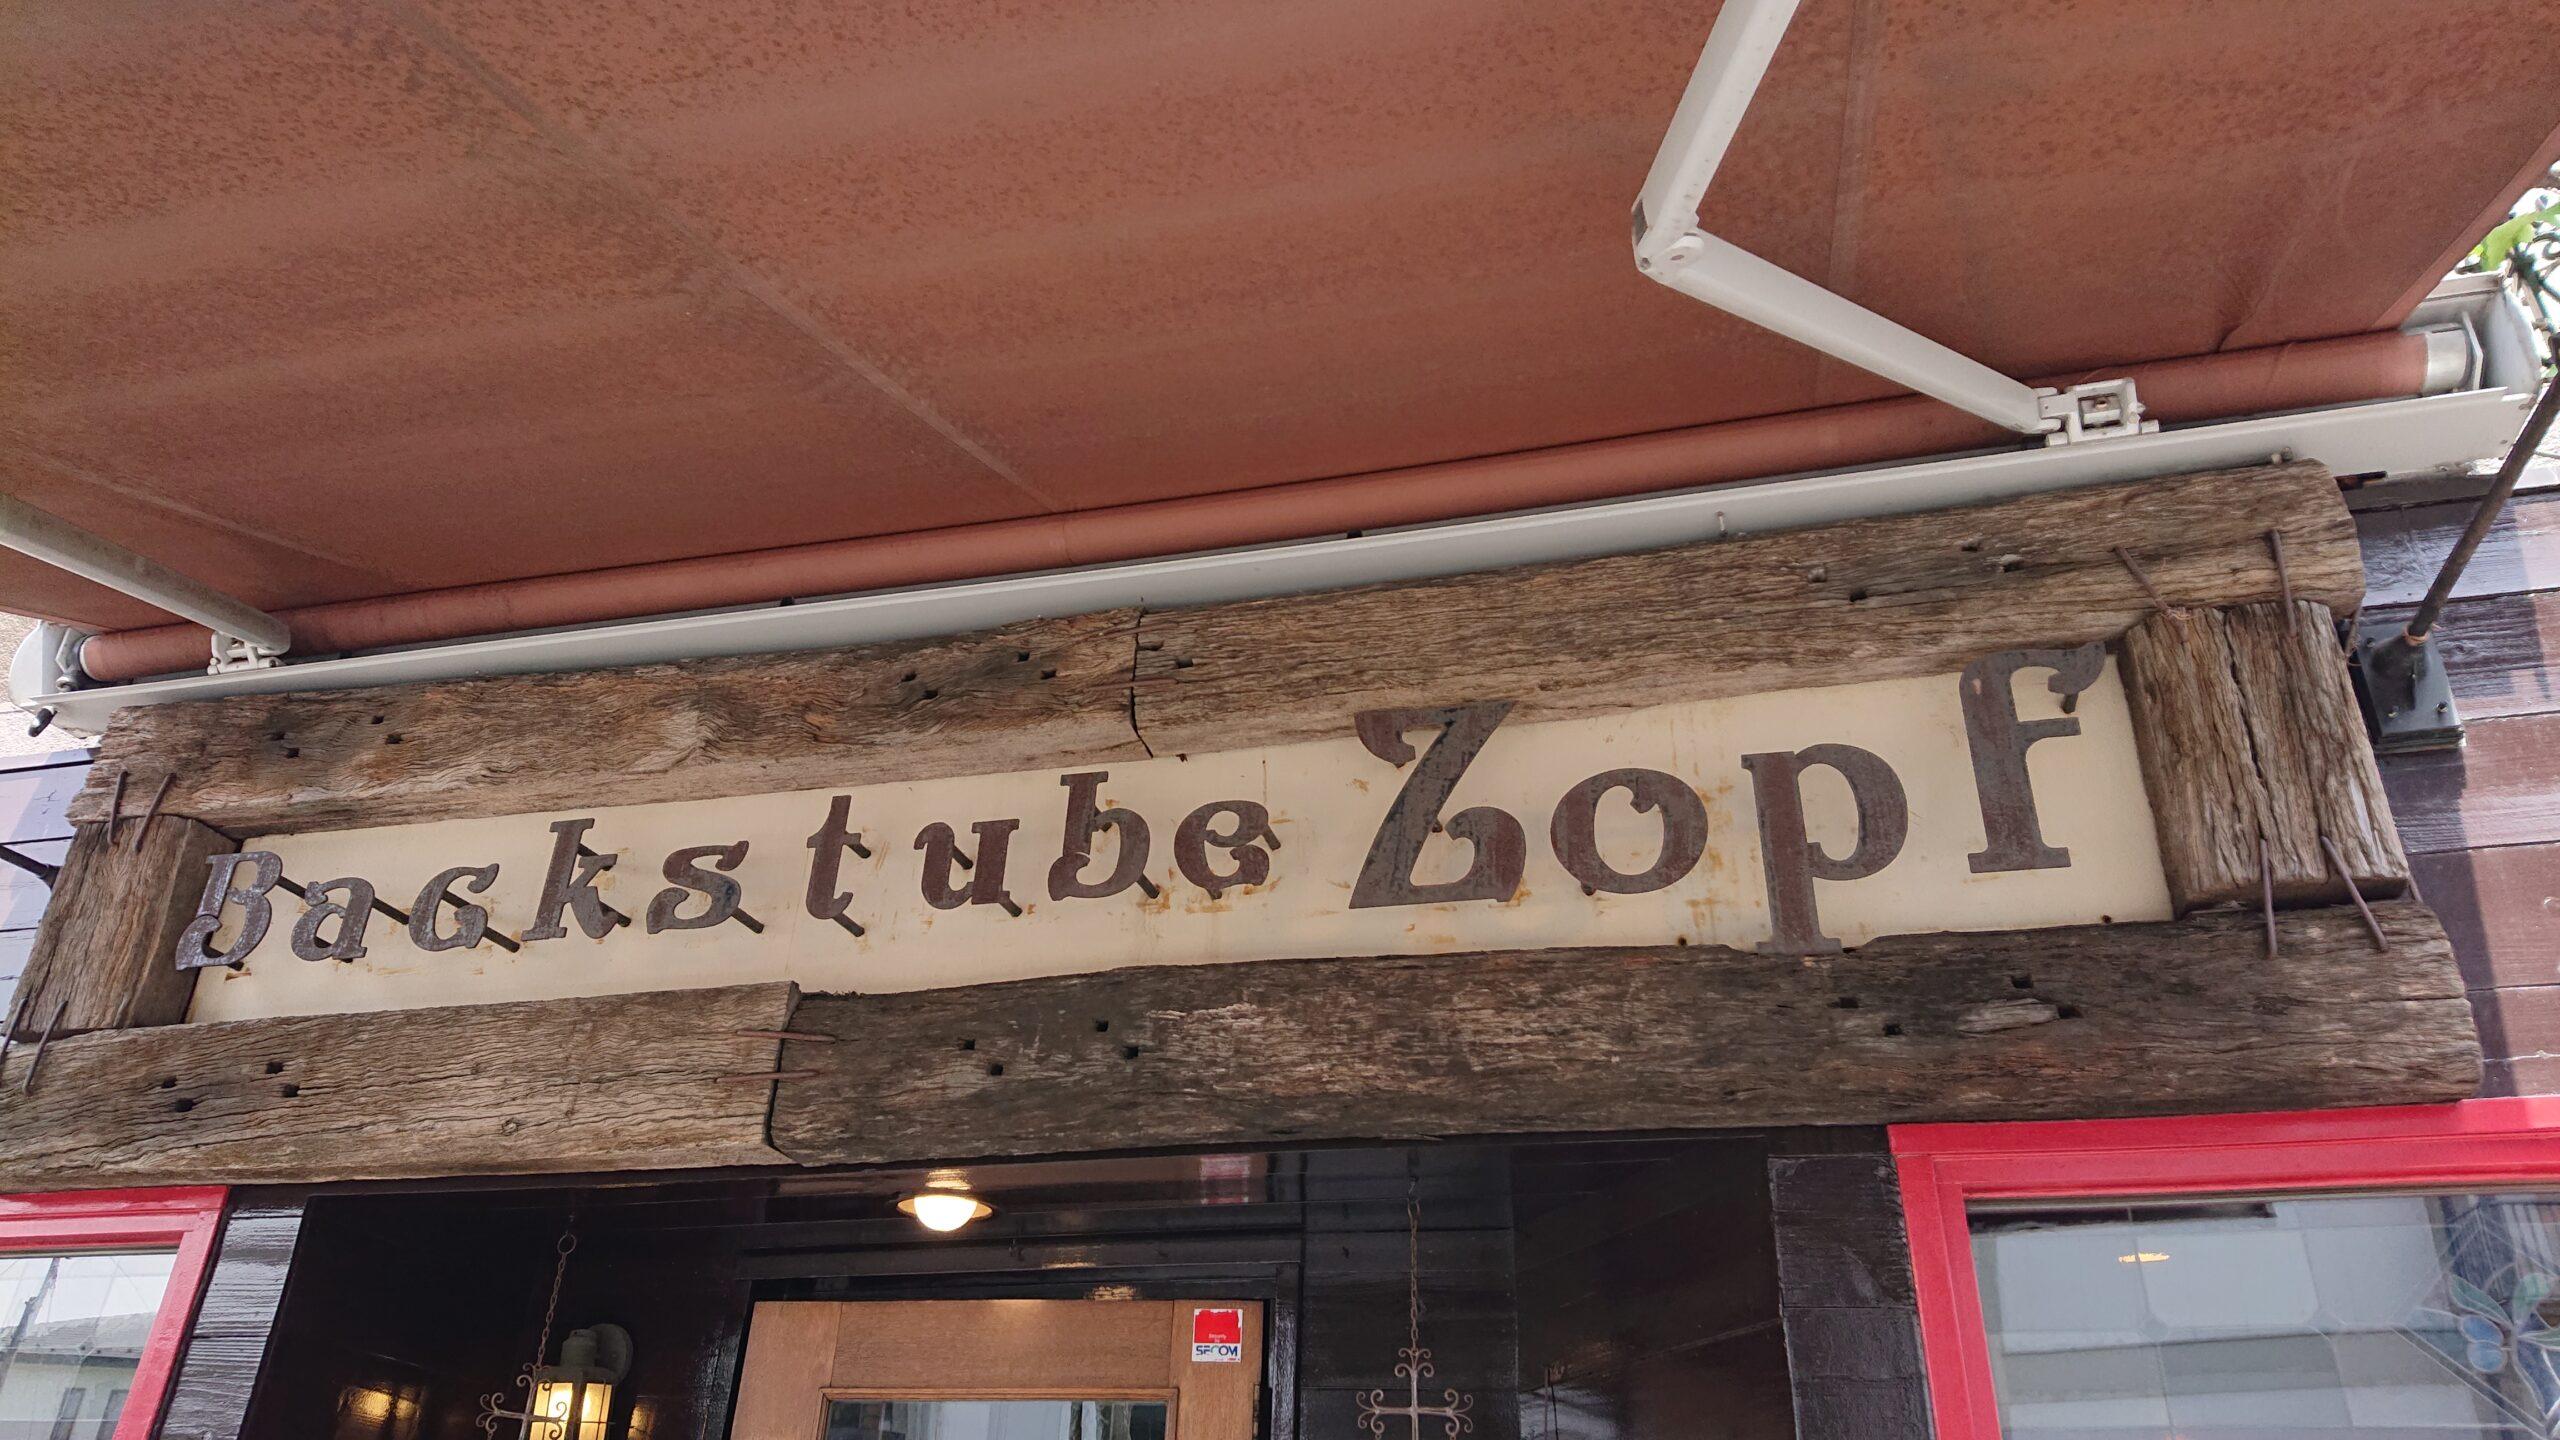 ツオップ松戸本店の看板